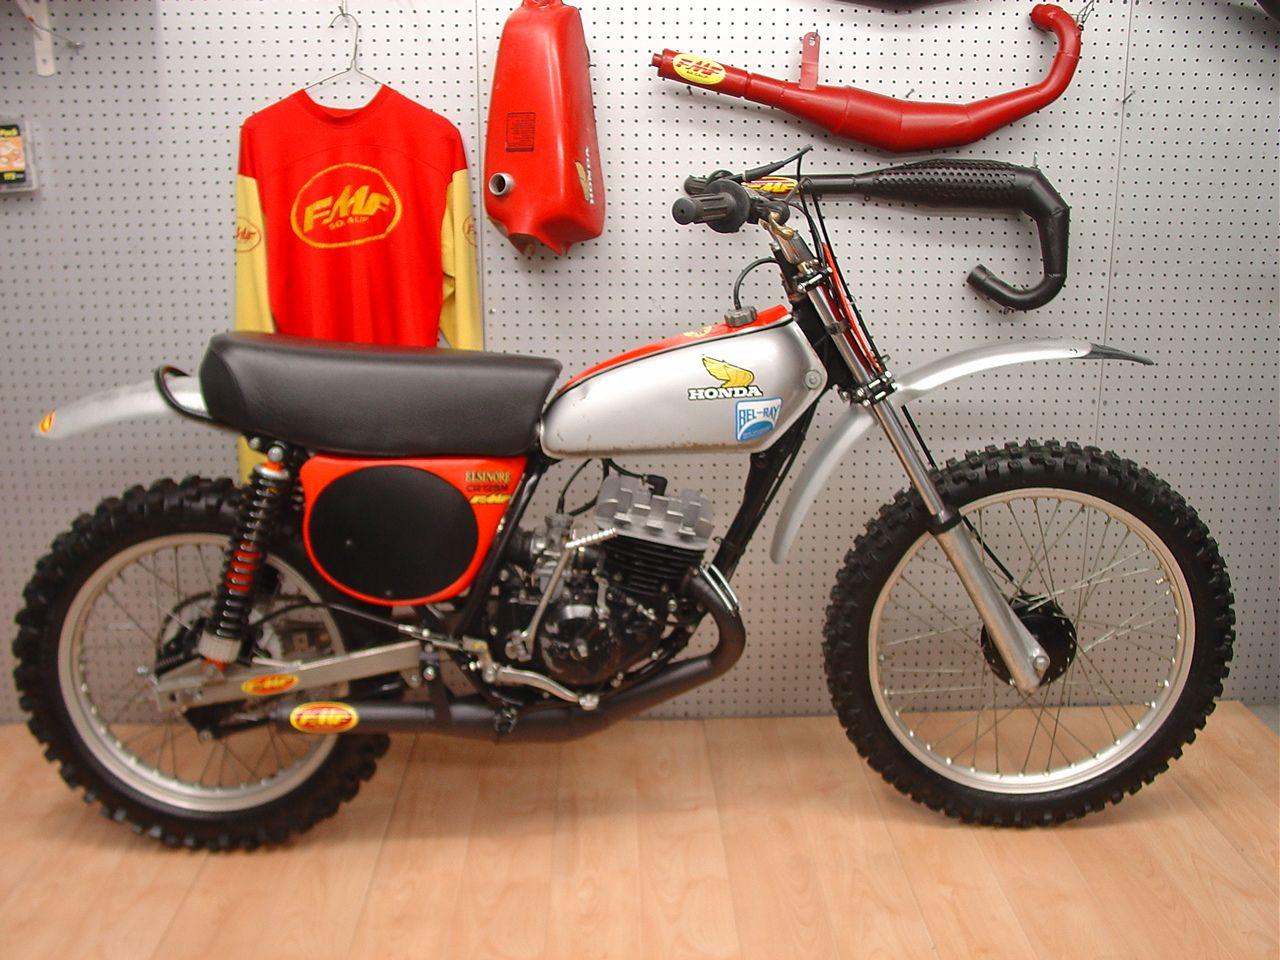 1975 Honda Cr125m Fmf Package Racer Vintage Dirt Pinterest Bike 125 Elsinore Motocross Bikes Mx